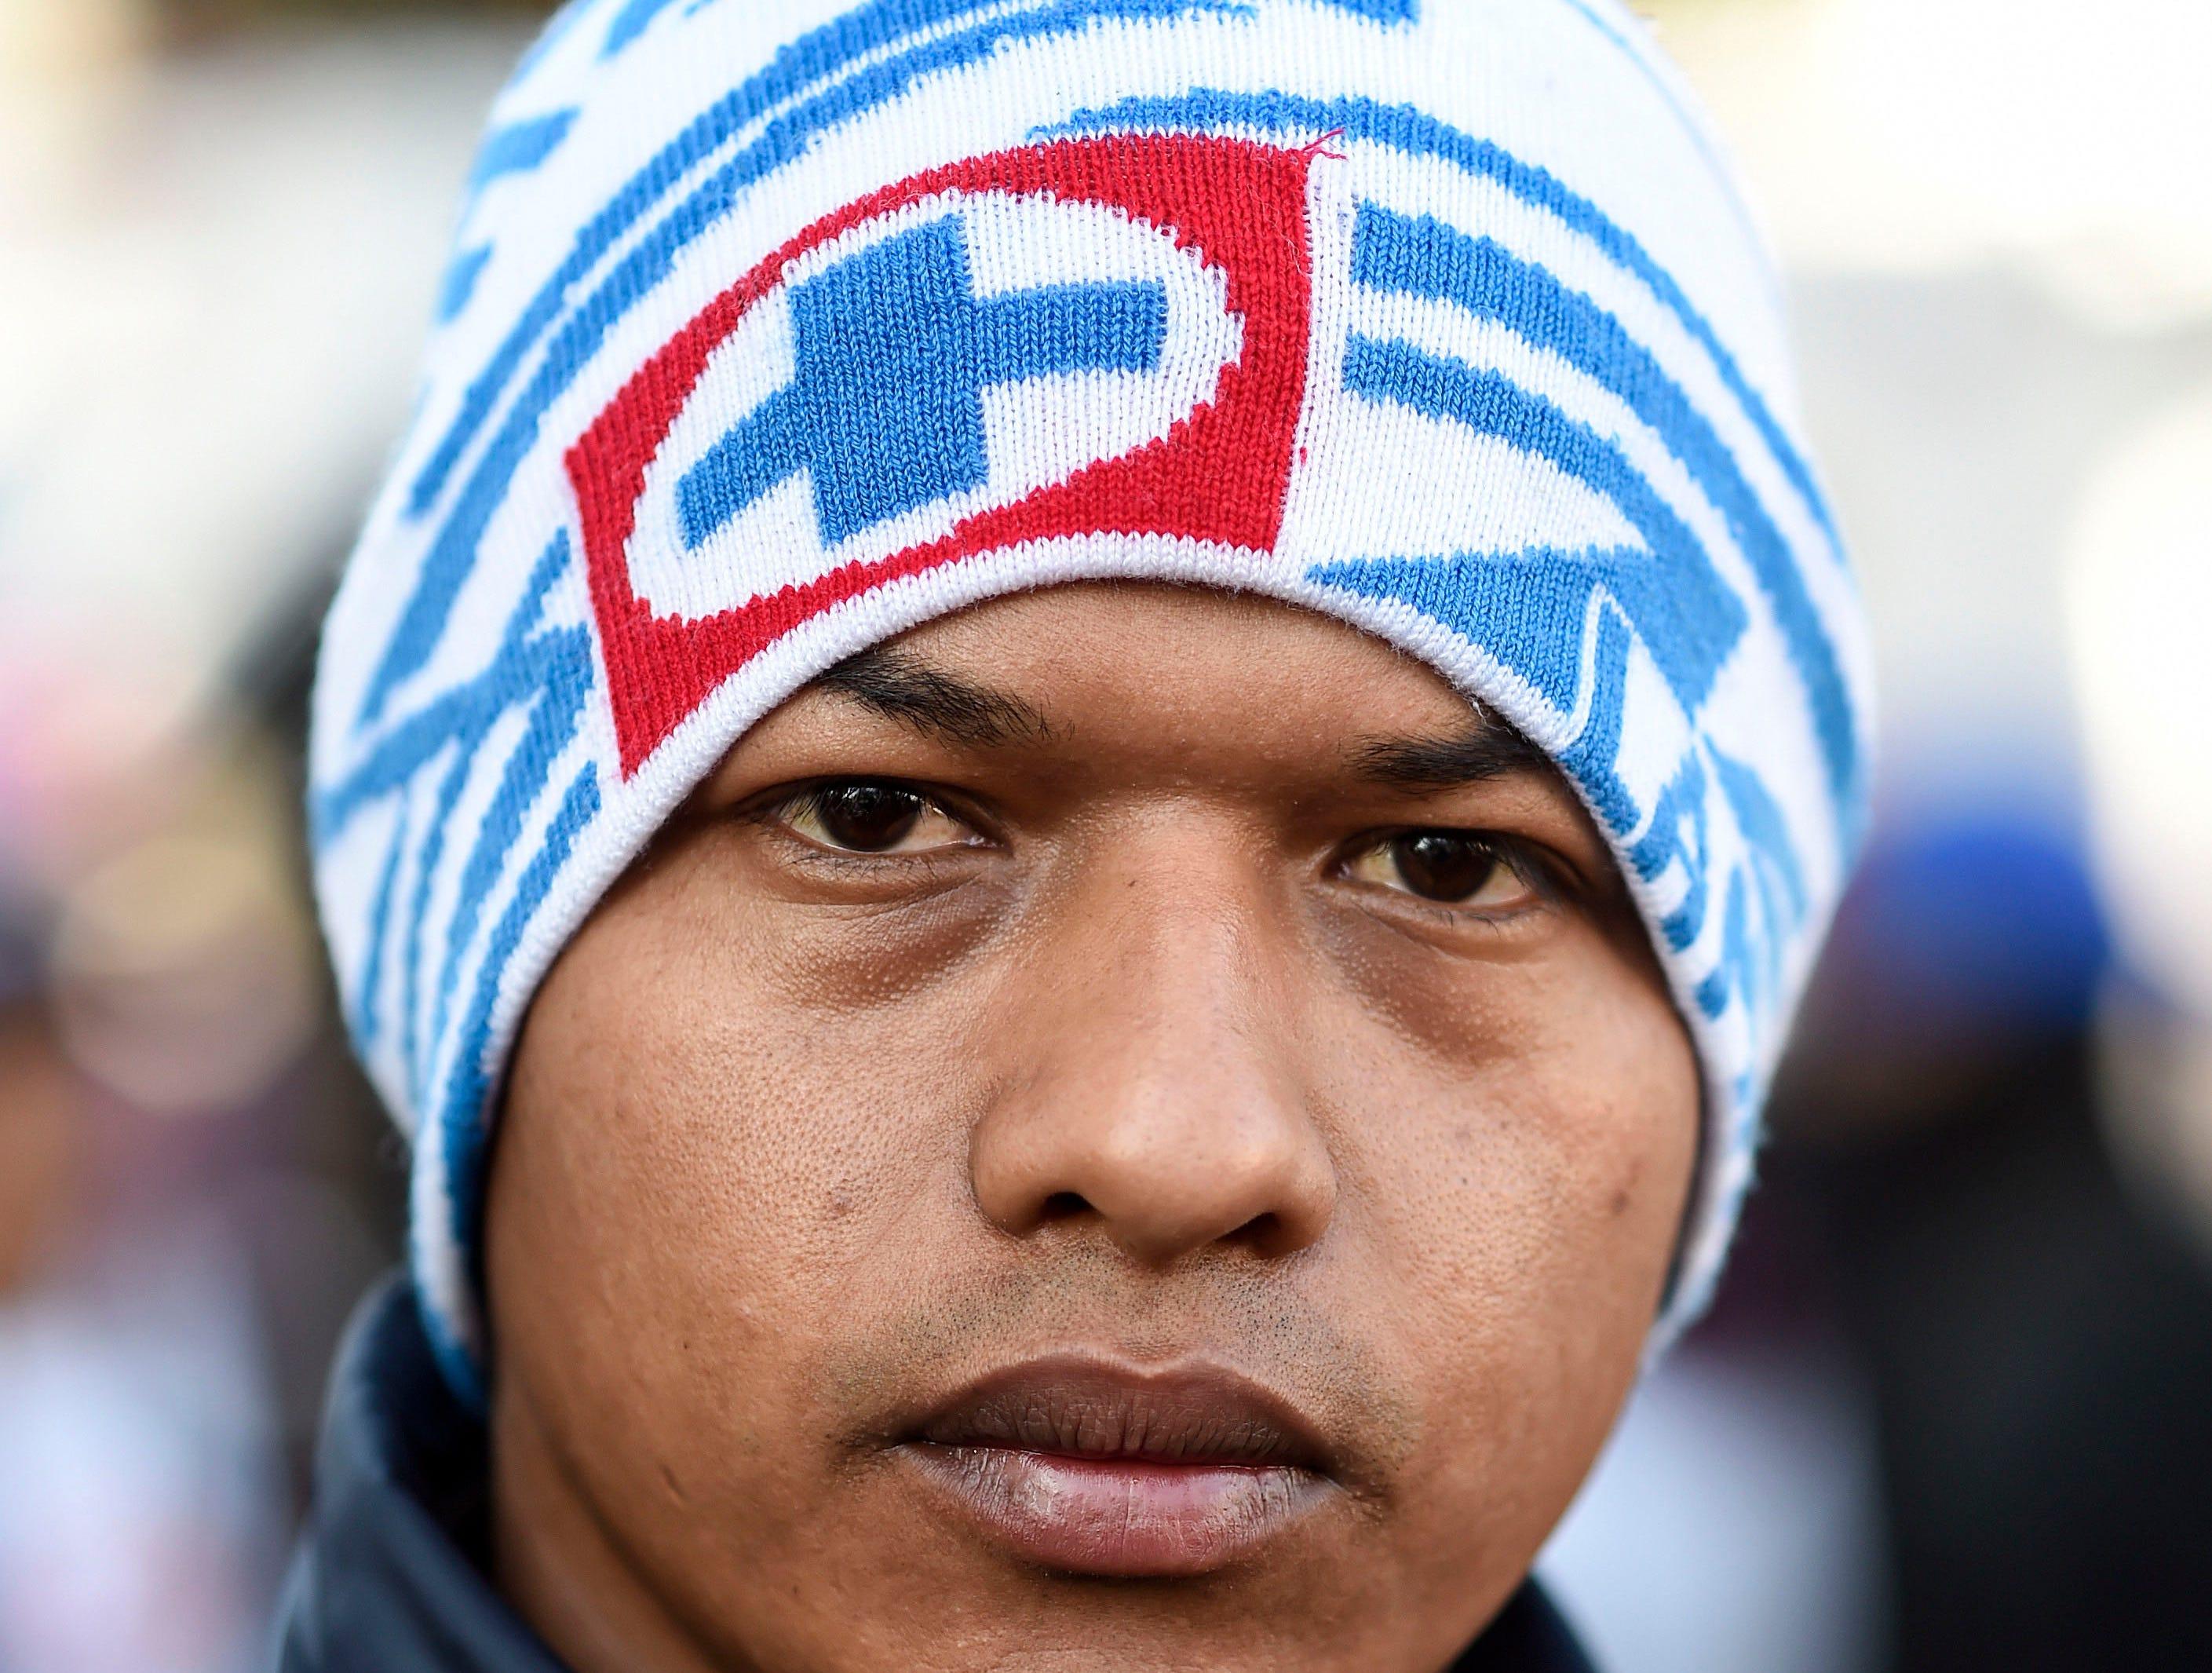 Edwin Castro, hondureño, 28 años. Estos son los rostros de los migrantes centroamericanos que huyen de la pobreza y violencia que se vive en sus países; y que por medio de una caravana caminan cientos de kilómetros cruzando ciudades, ríos, carreteras, bosques y fronteras, con el firme propósito de hacer realidad su sueño de llegar a los Estados Unidos.